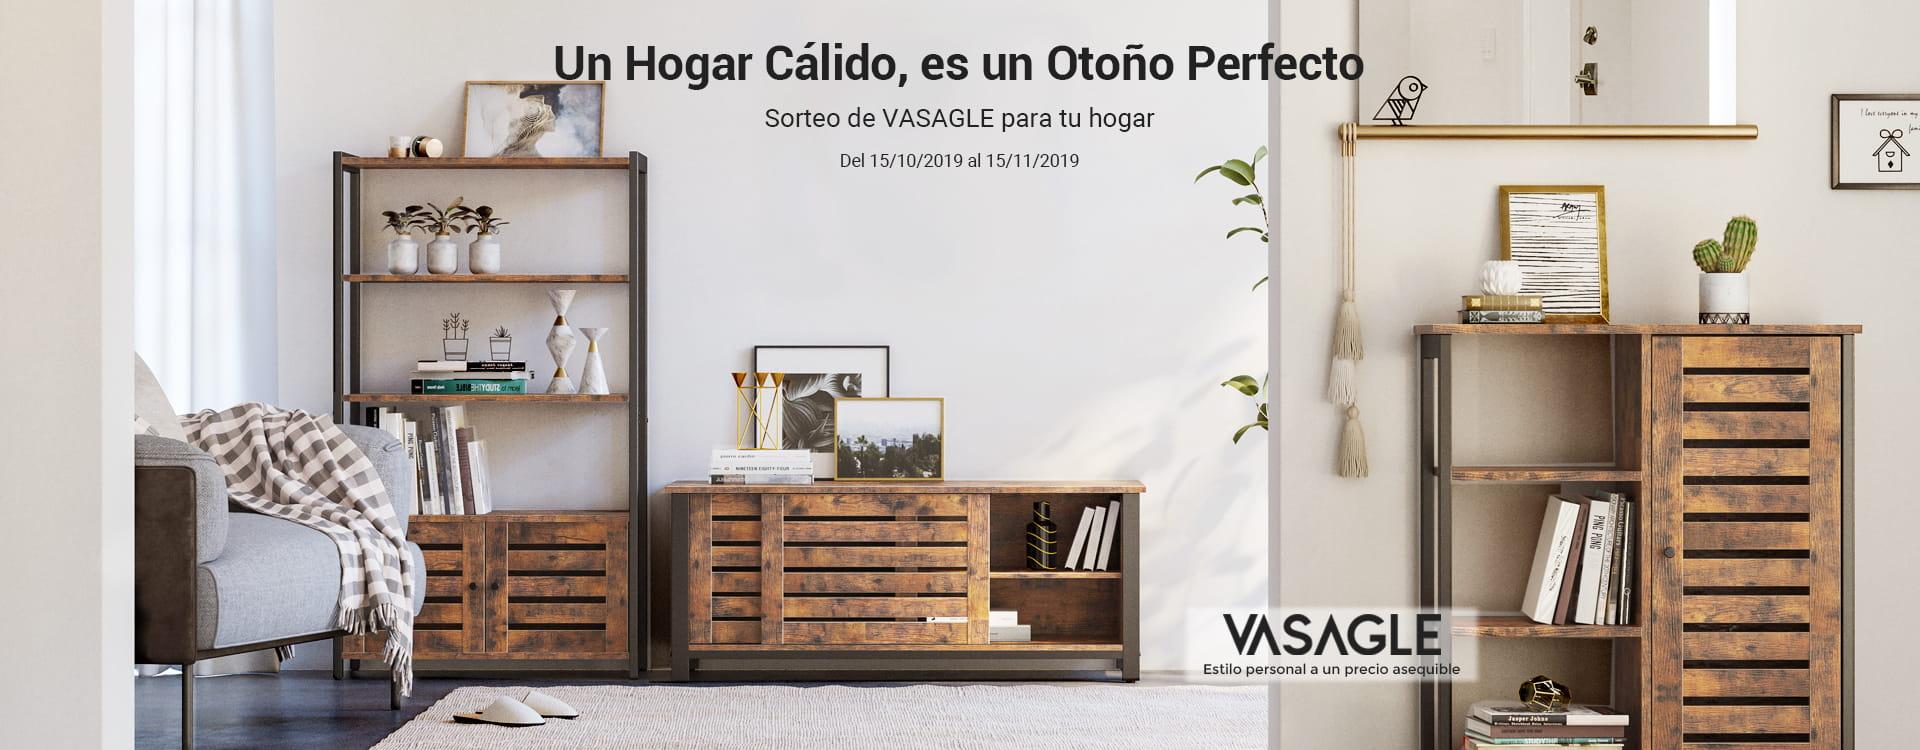 SORTEO DE VASAGLE PARA TU HOGAR